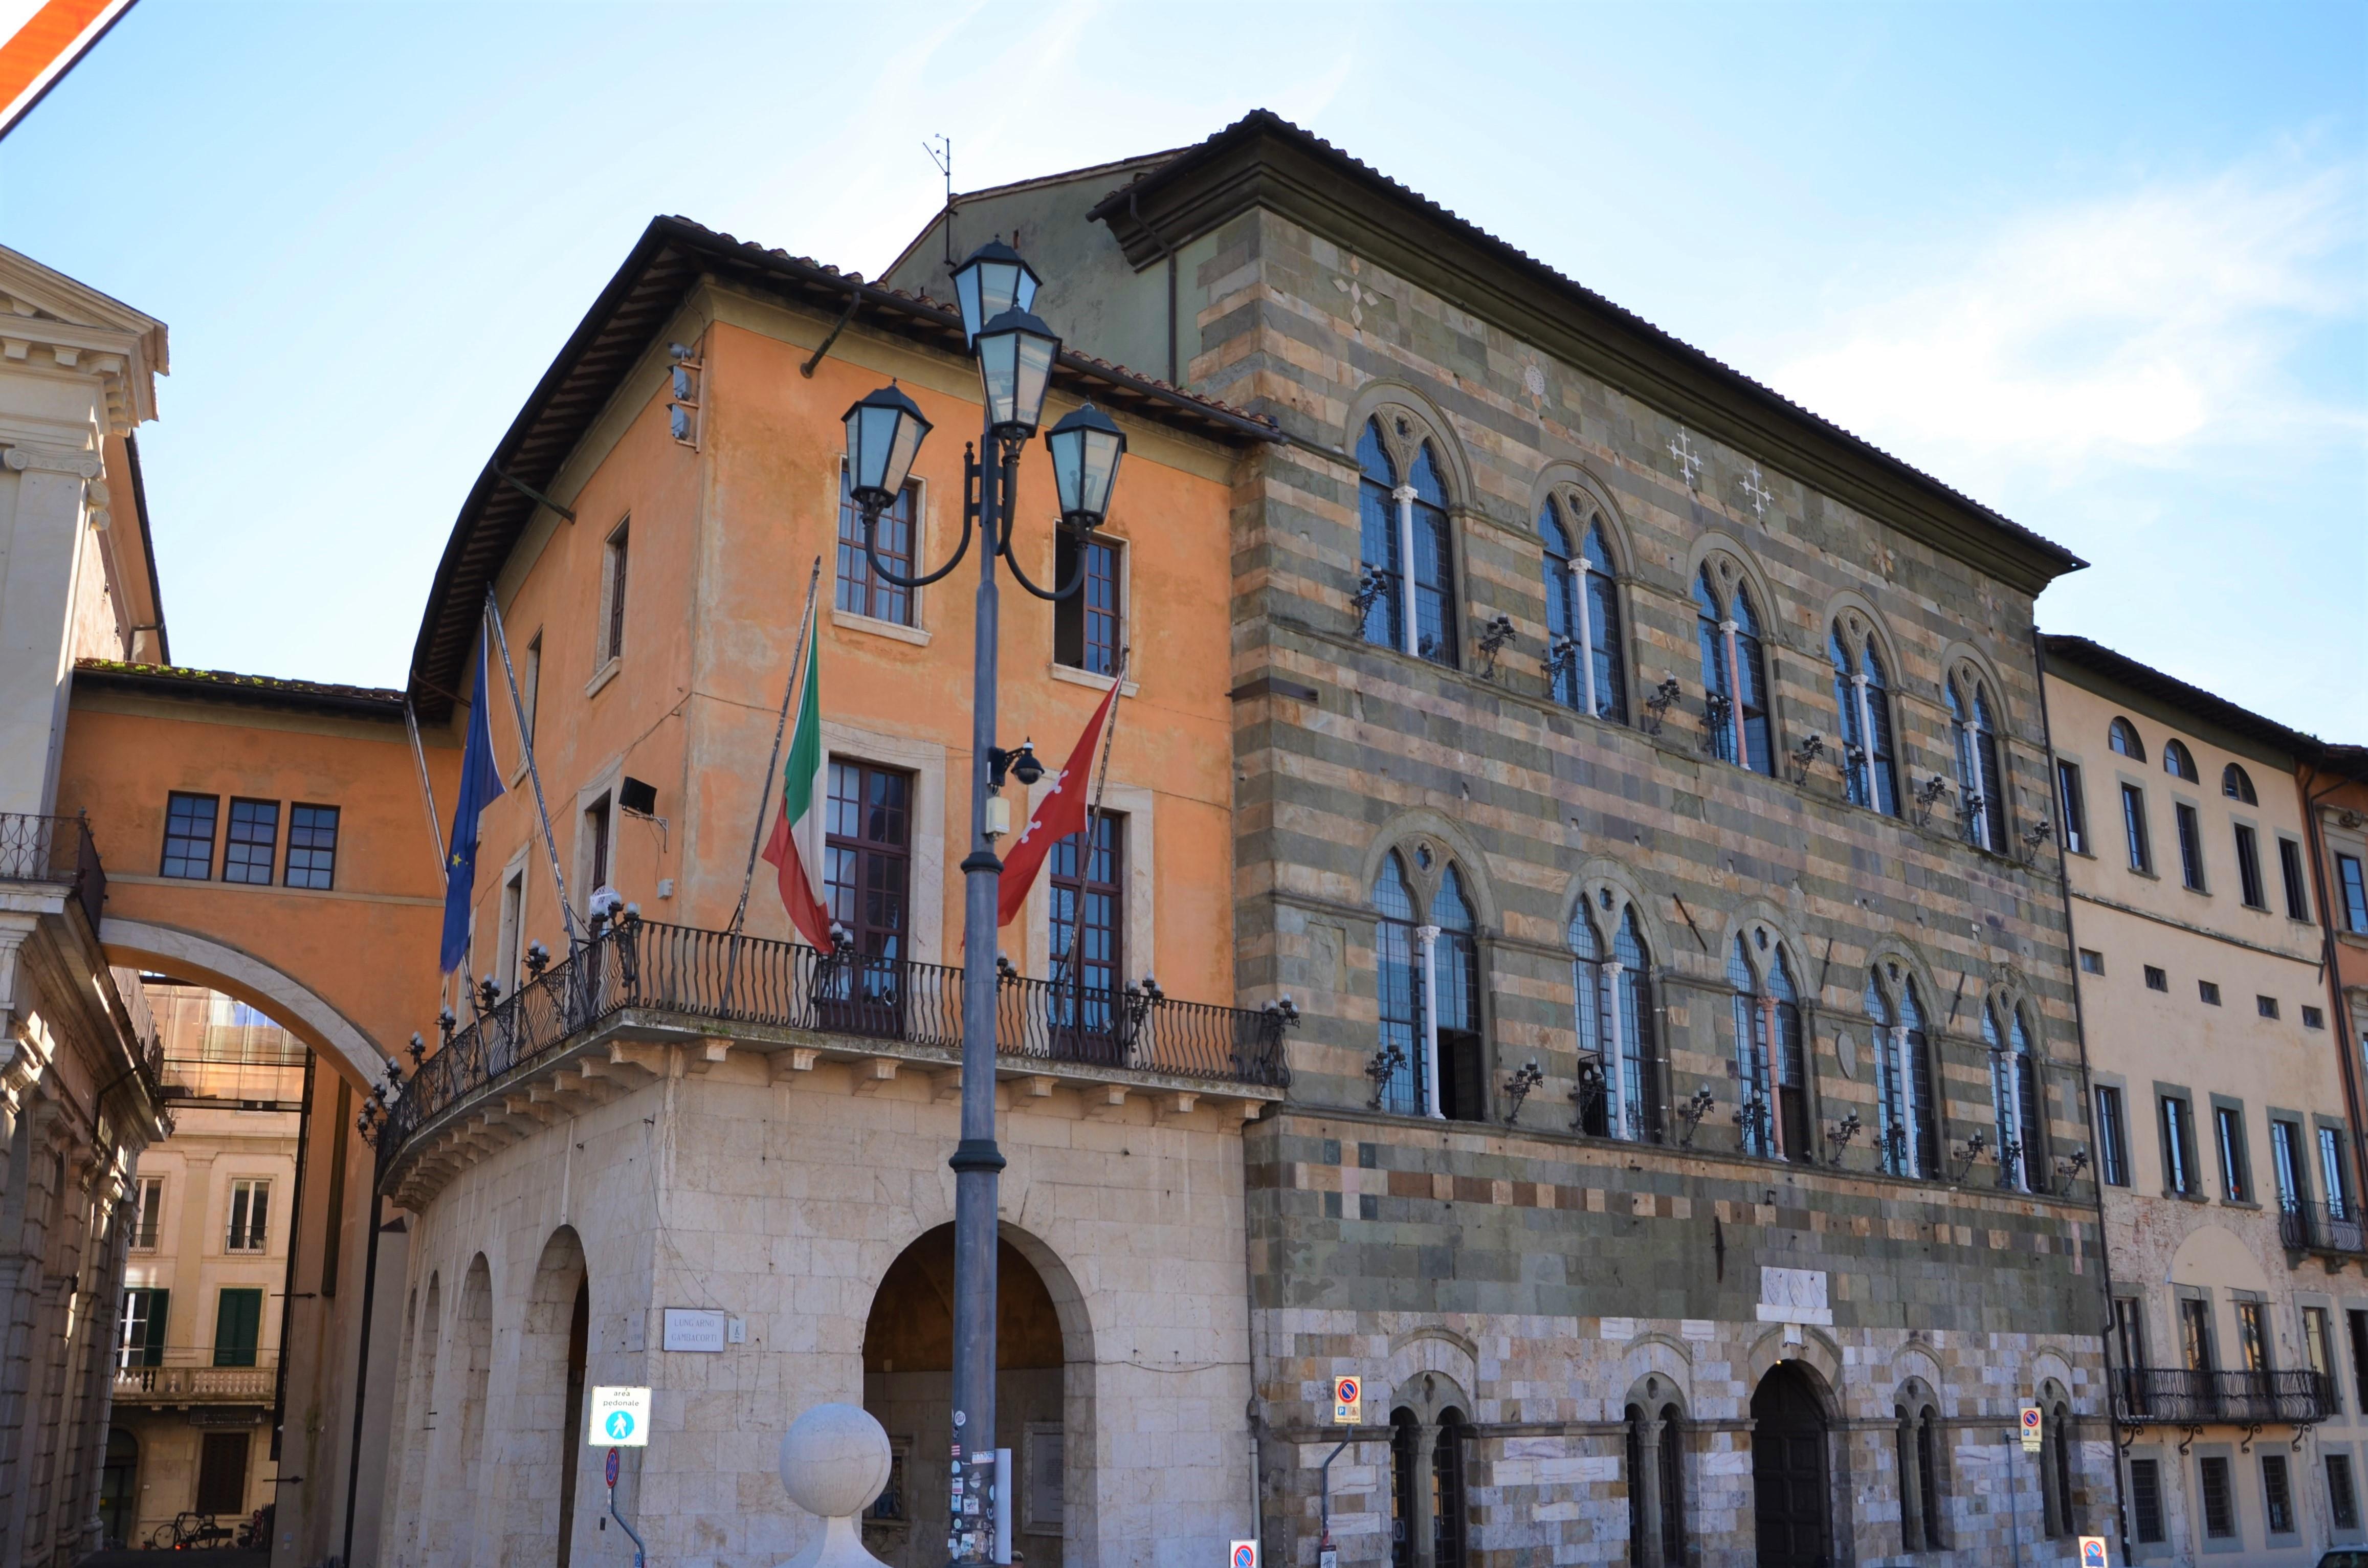 Palaxio nuovo da Ponte di Mezzo - Palazzo Gambacorti  (L. Corevi)